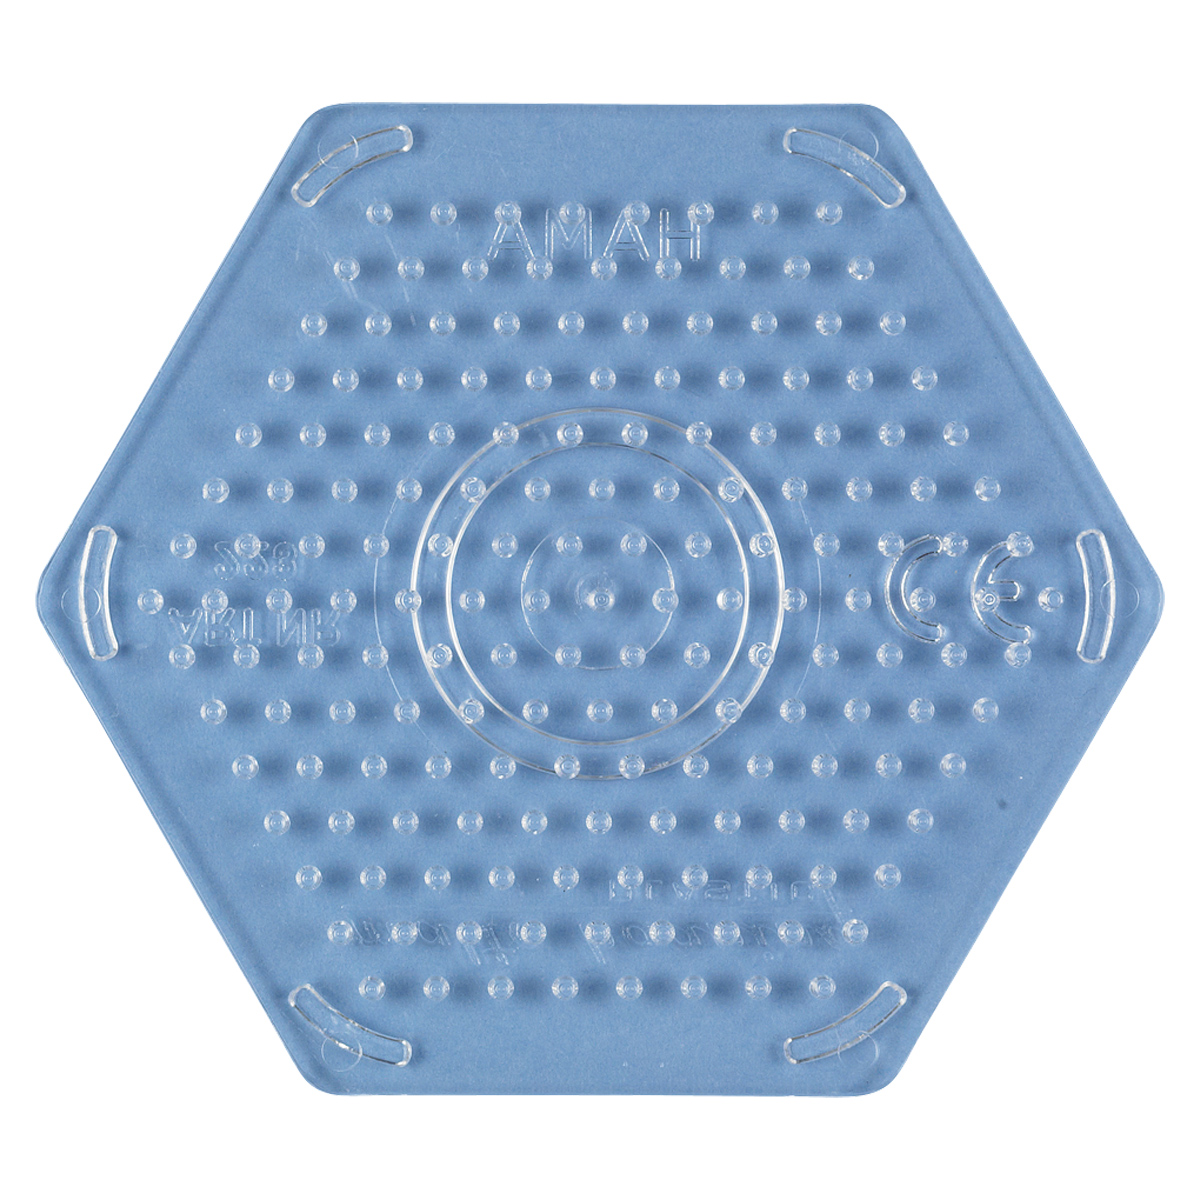 ハマビーズ ボードS 六角形(透明)